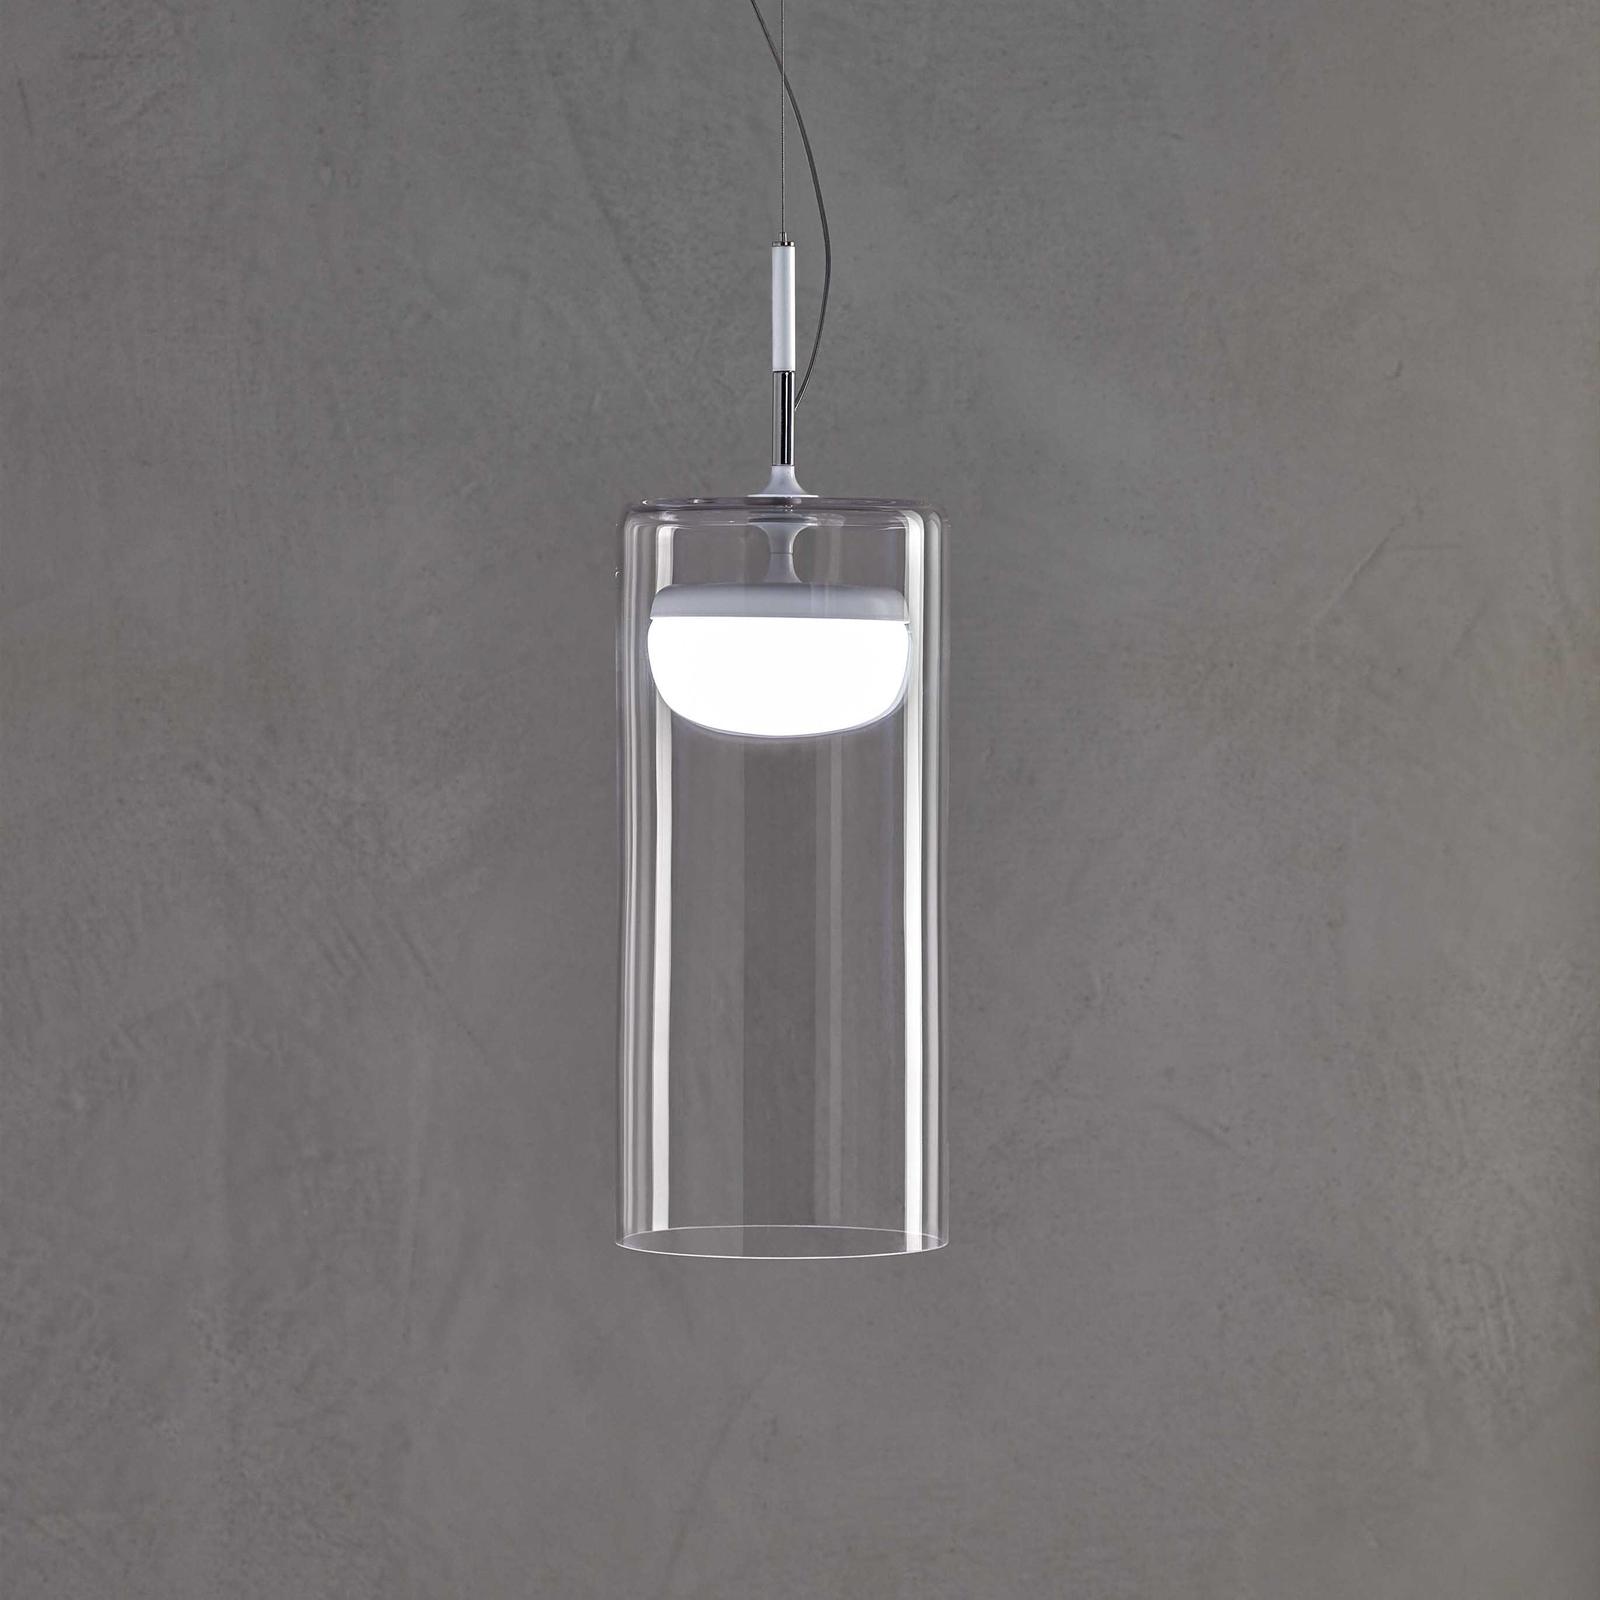 Prandina Diver LED-riippuvalaisin S5 valkoinen